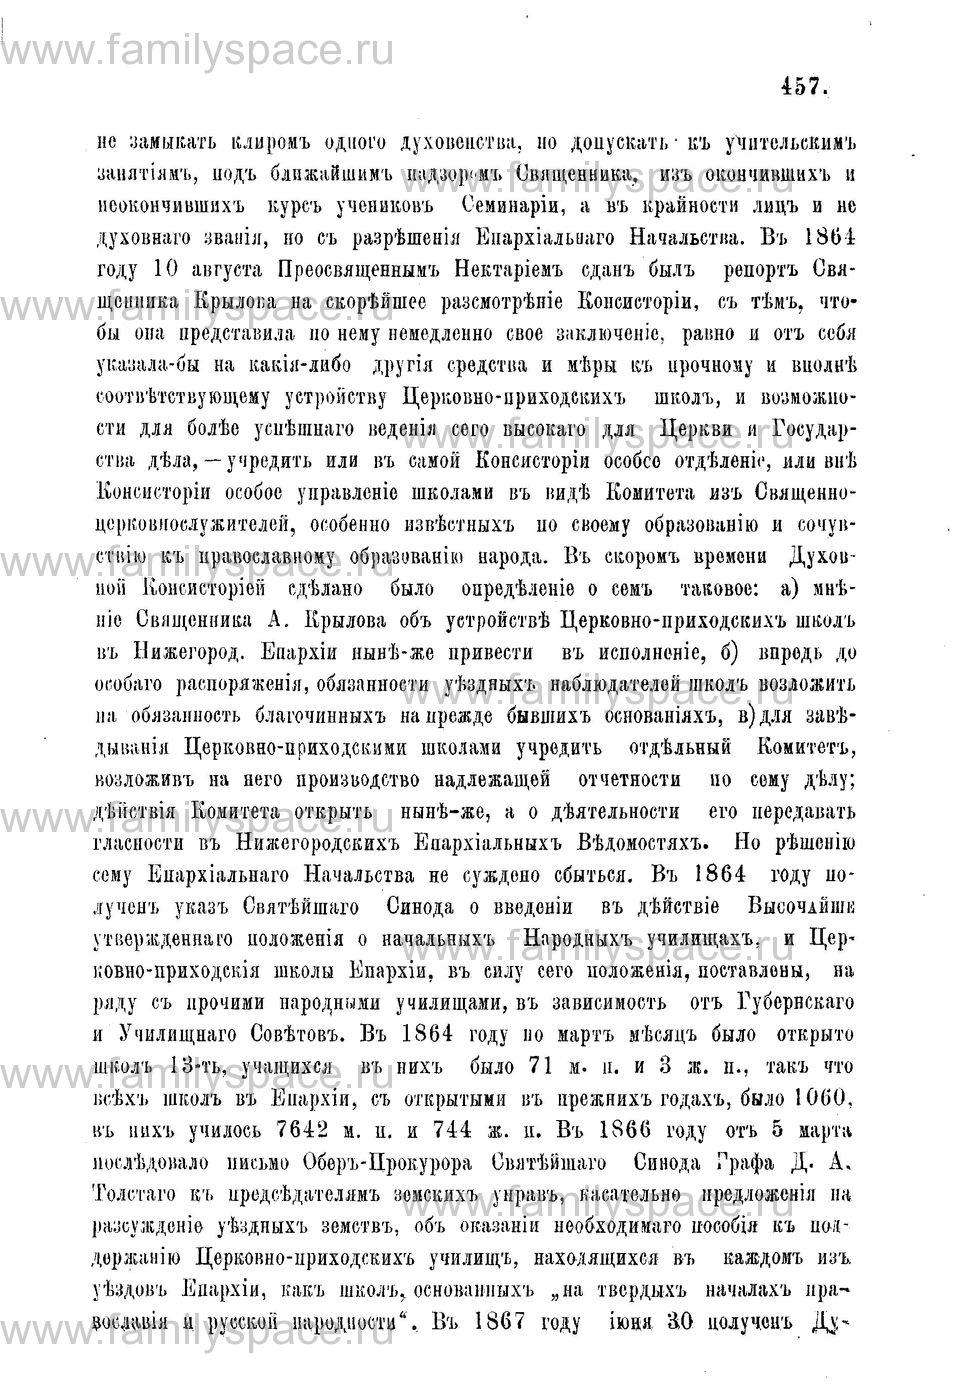 Поиск по фамилии - Адрес-календарь Нижегородской епархии на 1888 год, страница 1457